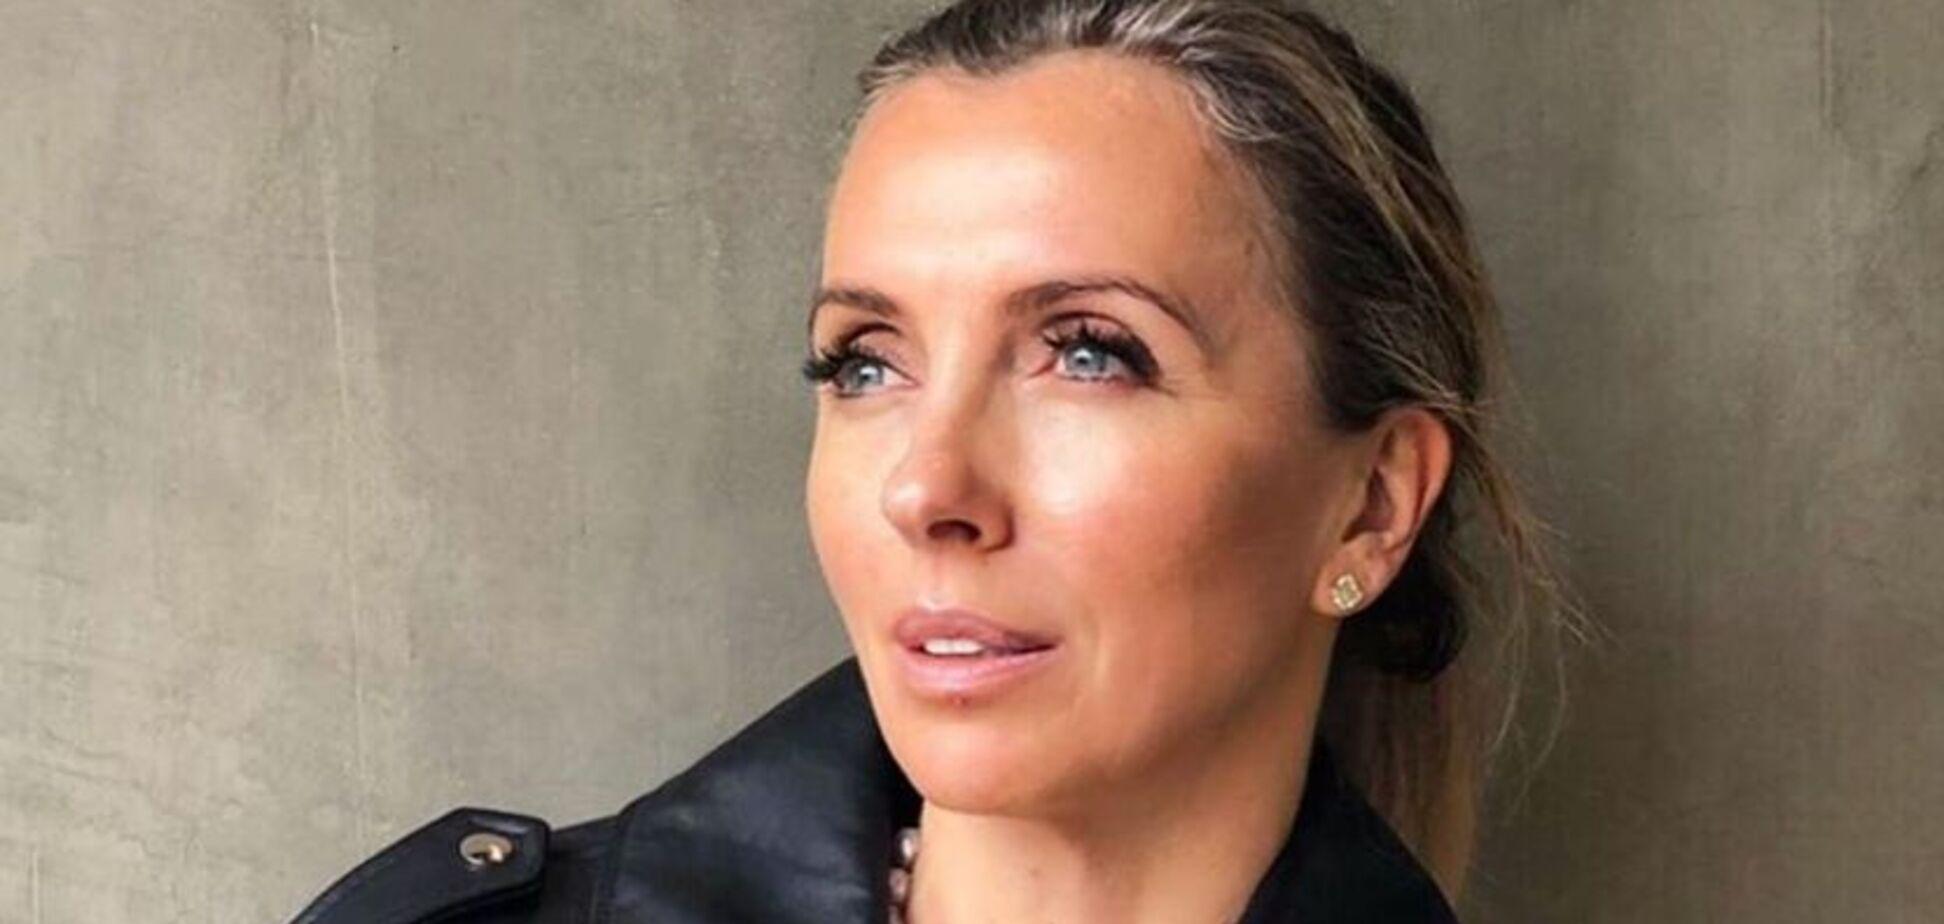 Абсолютно голая: 51-летняя экс-жена Бондарчука завела сеть интимным видео